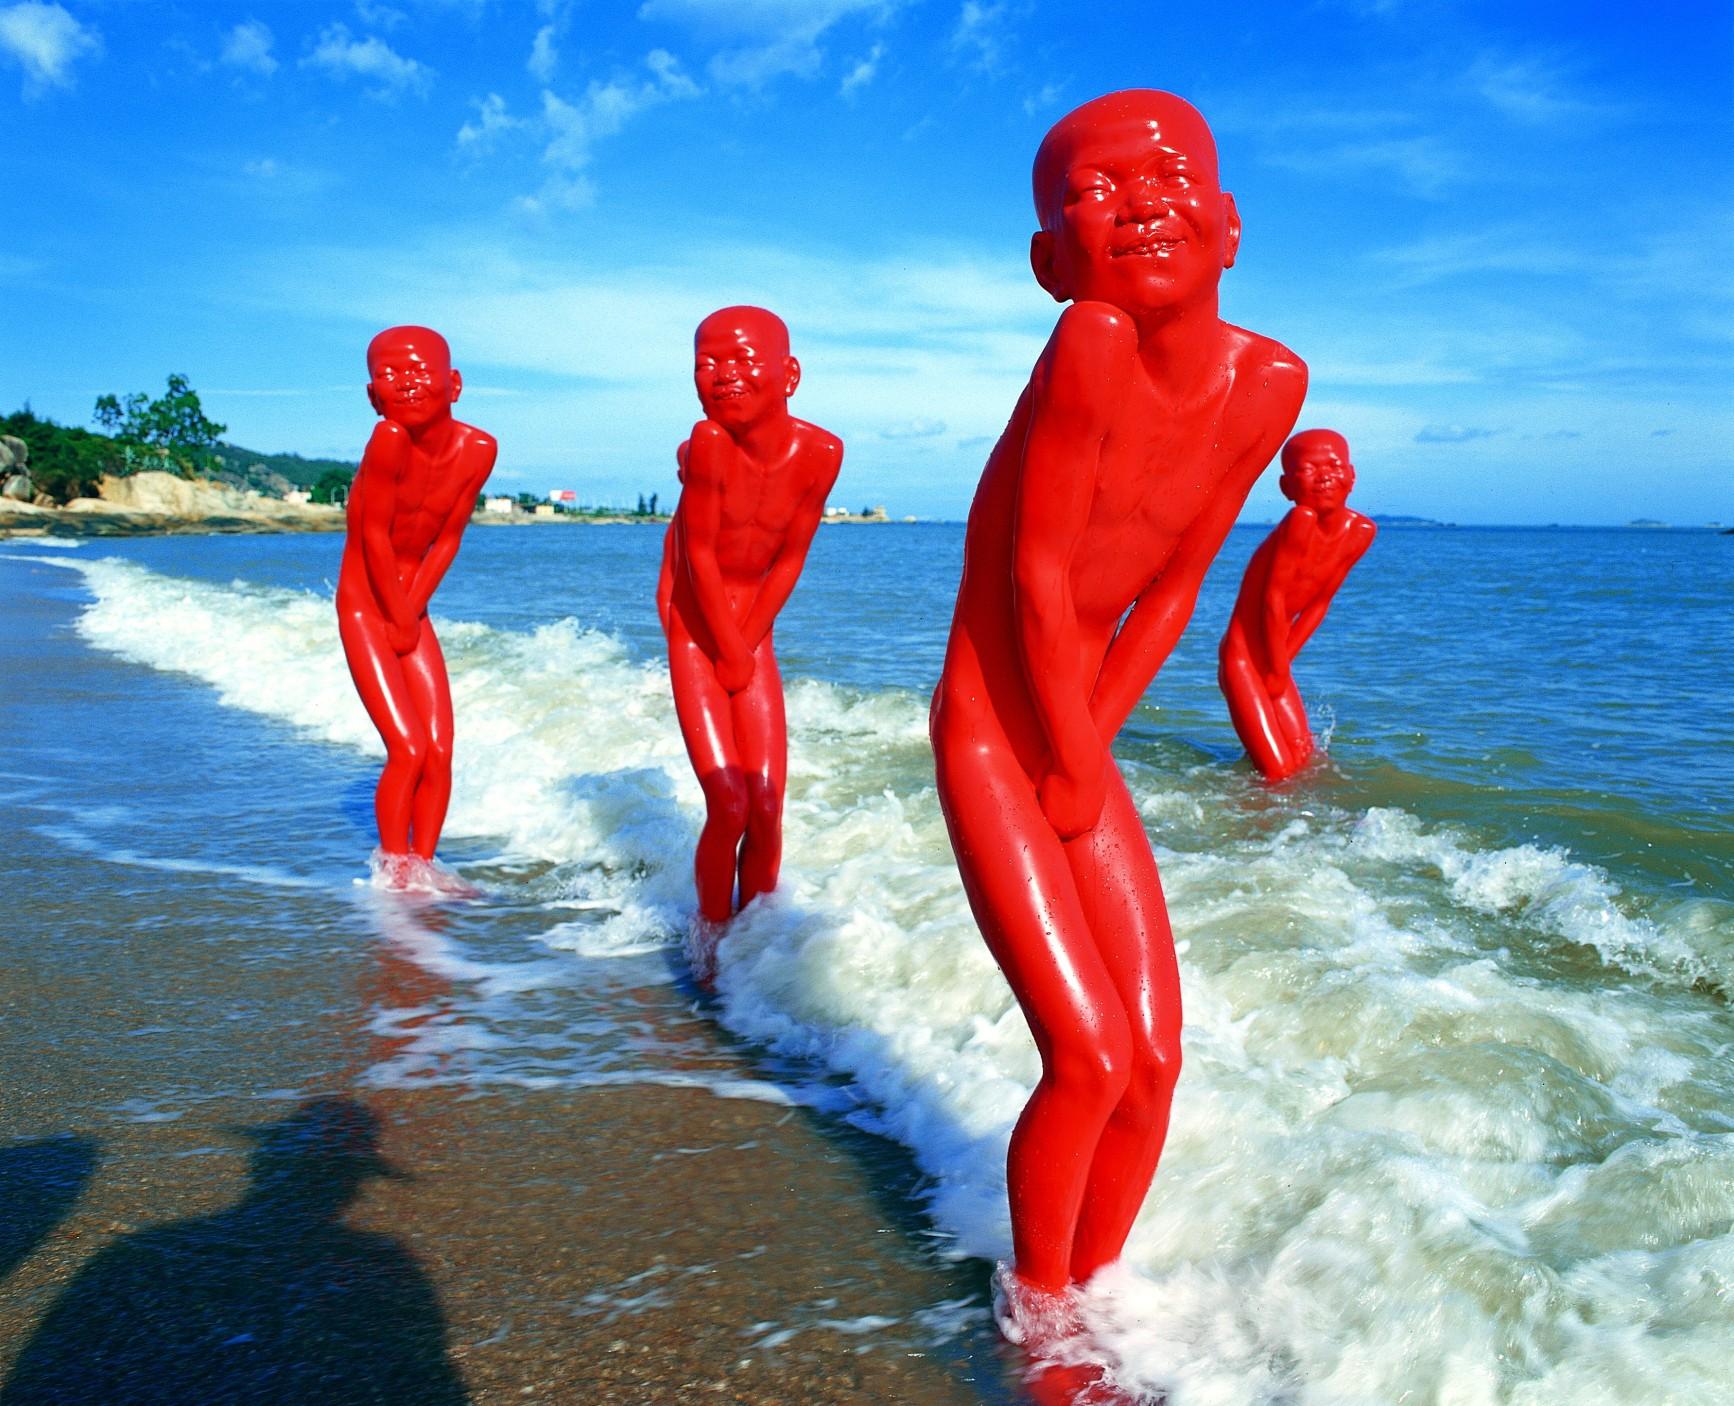 Chen-Wen-Ling-Beach-Sculpture-2